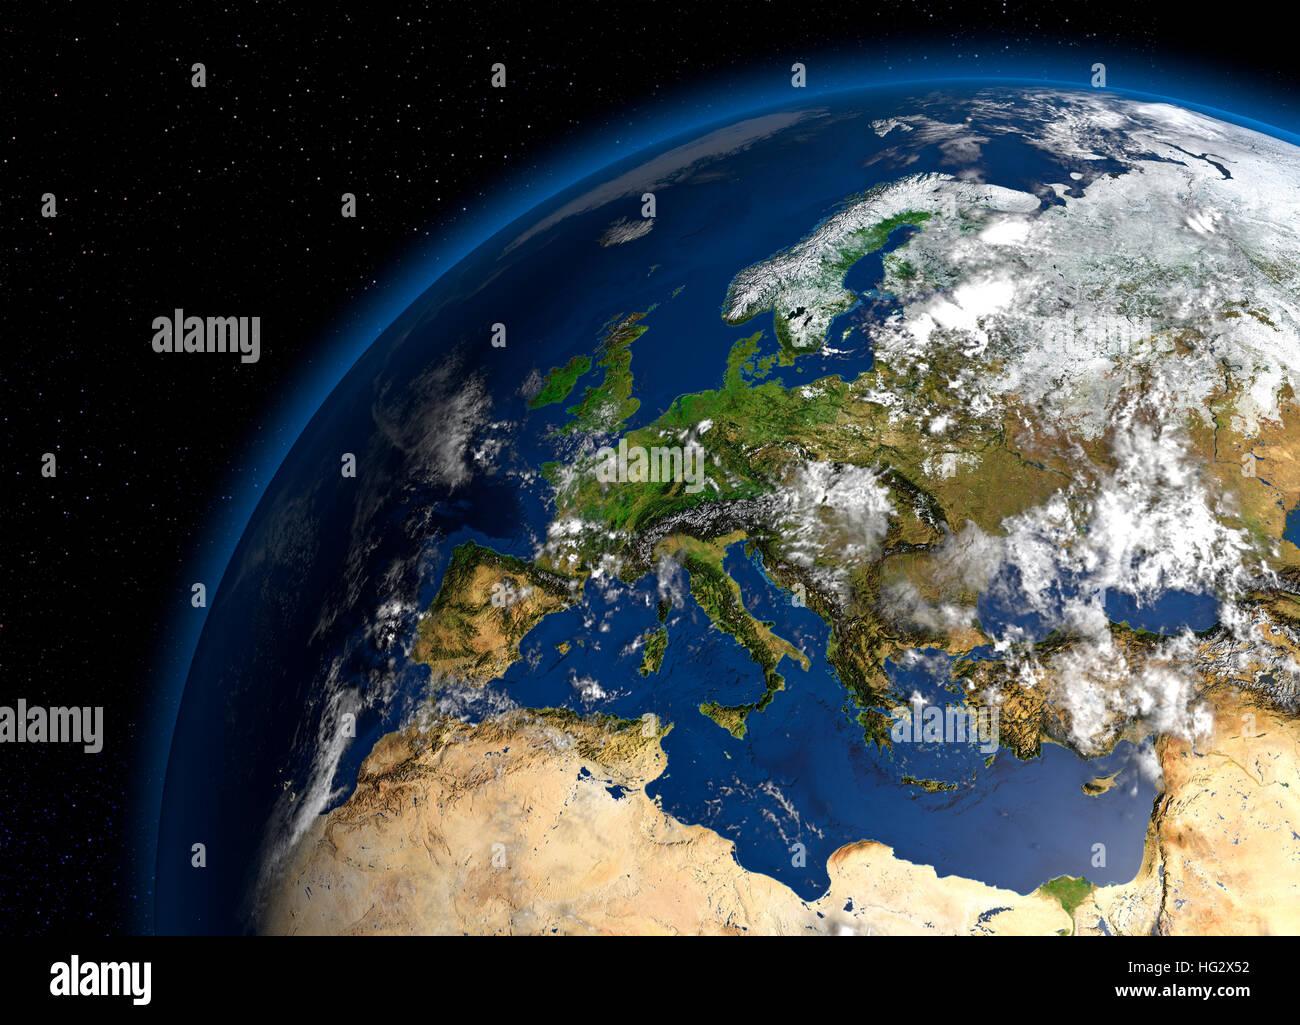 Erde aus dem Weltraum zeigt Europa angesehen. Realistische digitale Illustration einschließlich Reliefkarte Stockbild